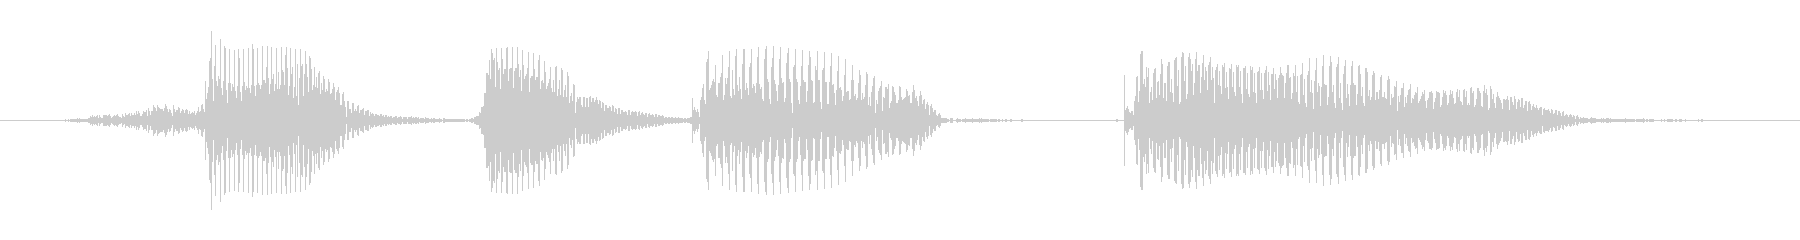 ティーンメスC:ハッピーバースデーの未再生の波形